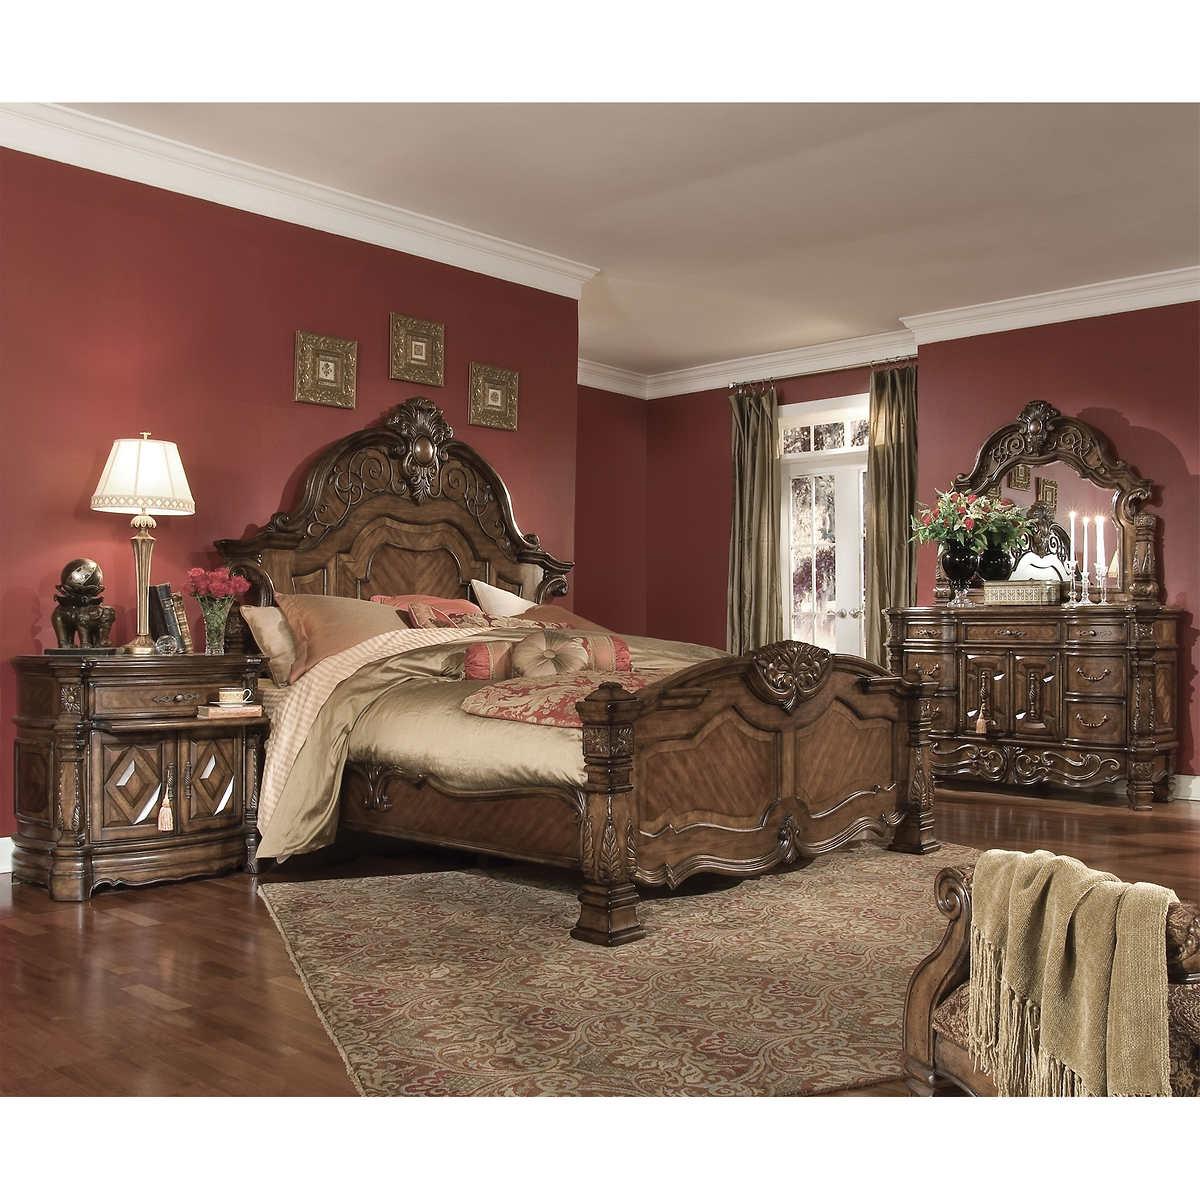 ellington piece queen bedroom set, Bedroom designs